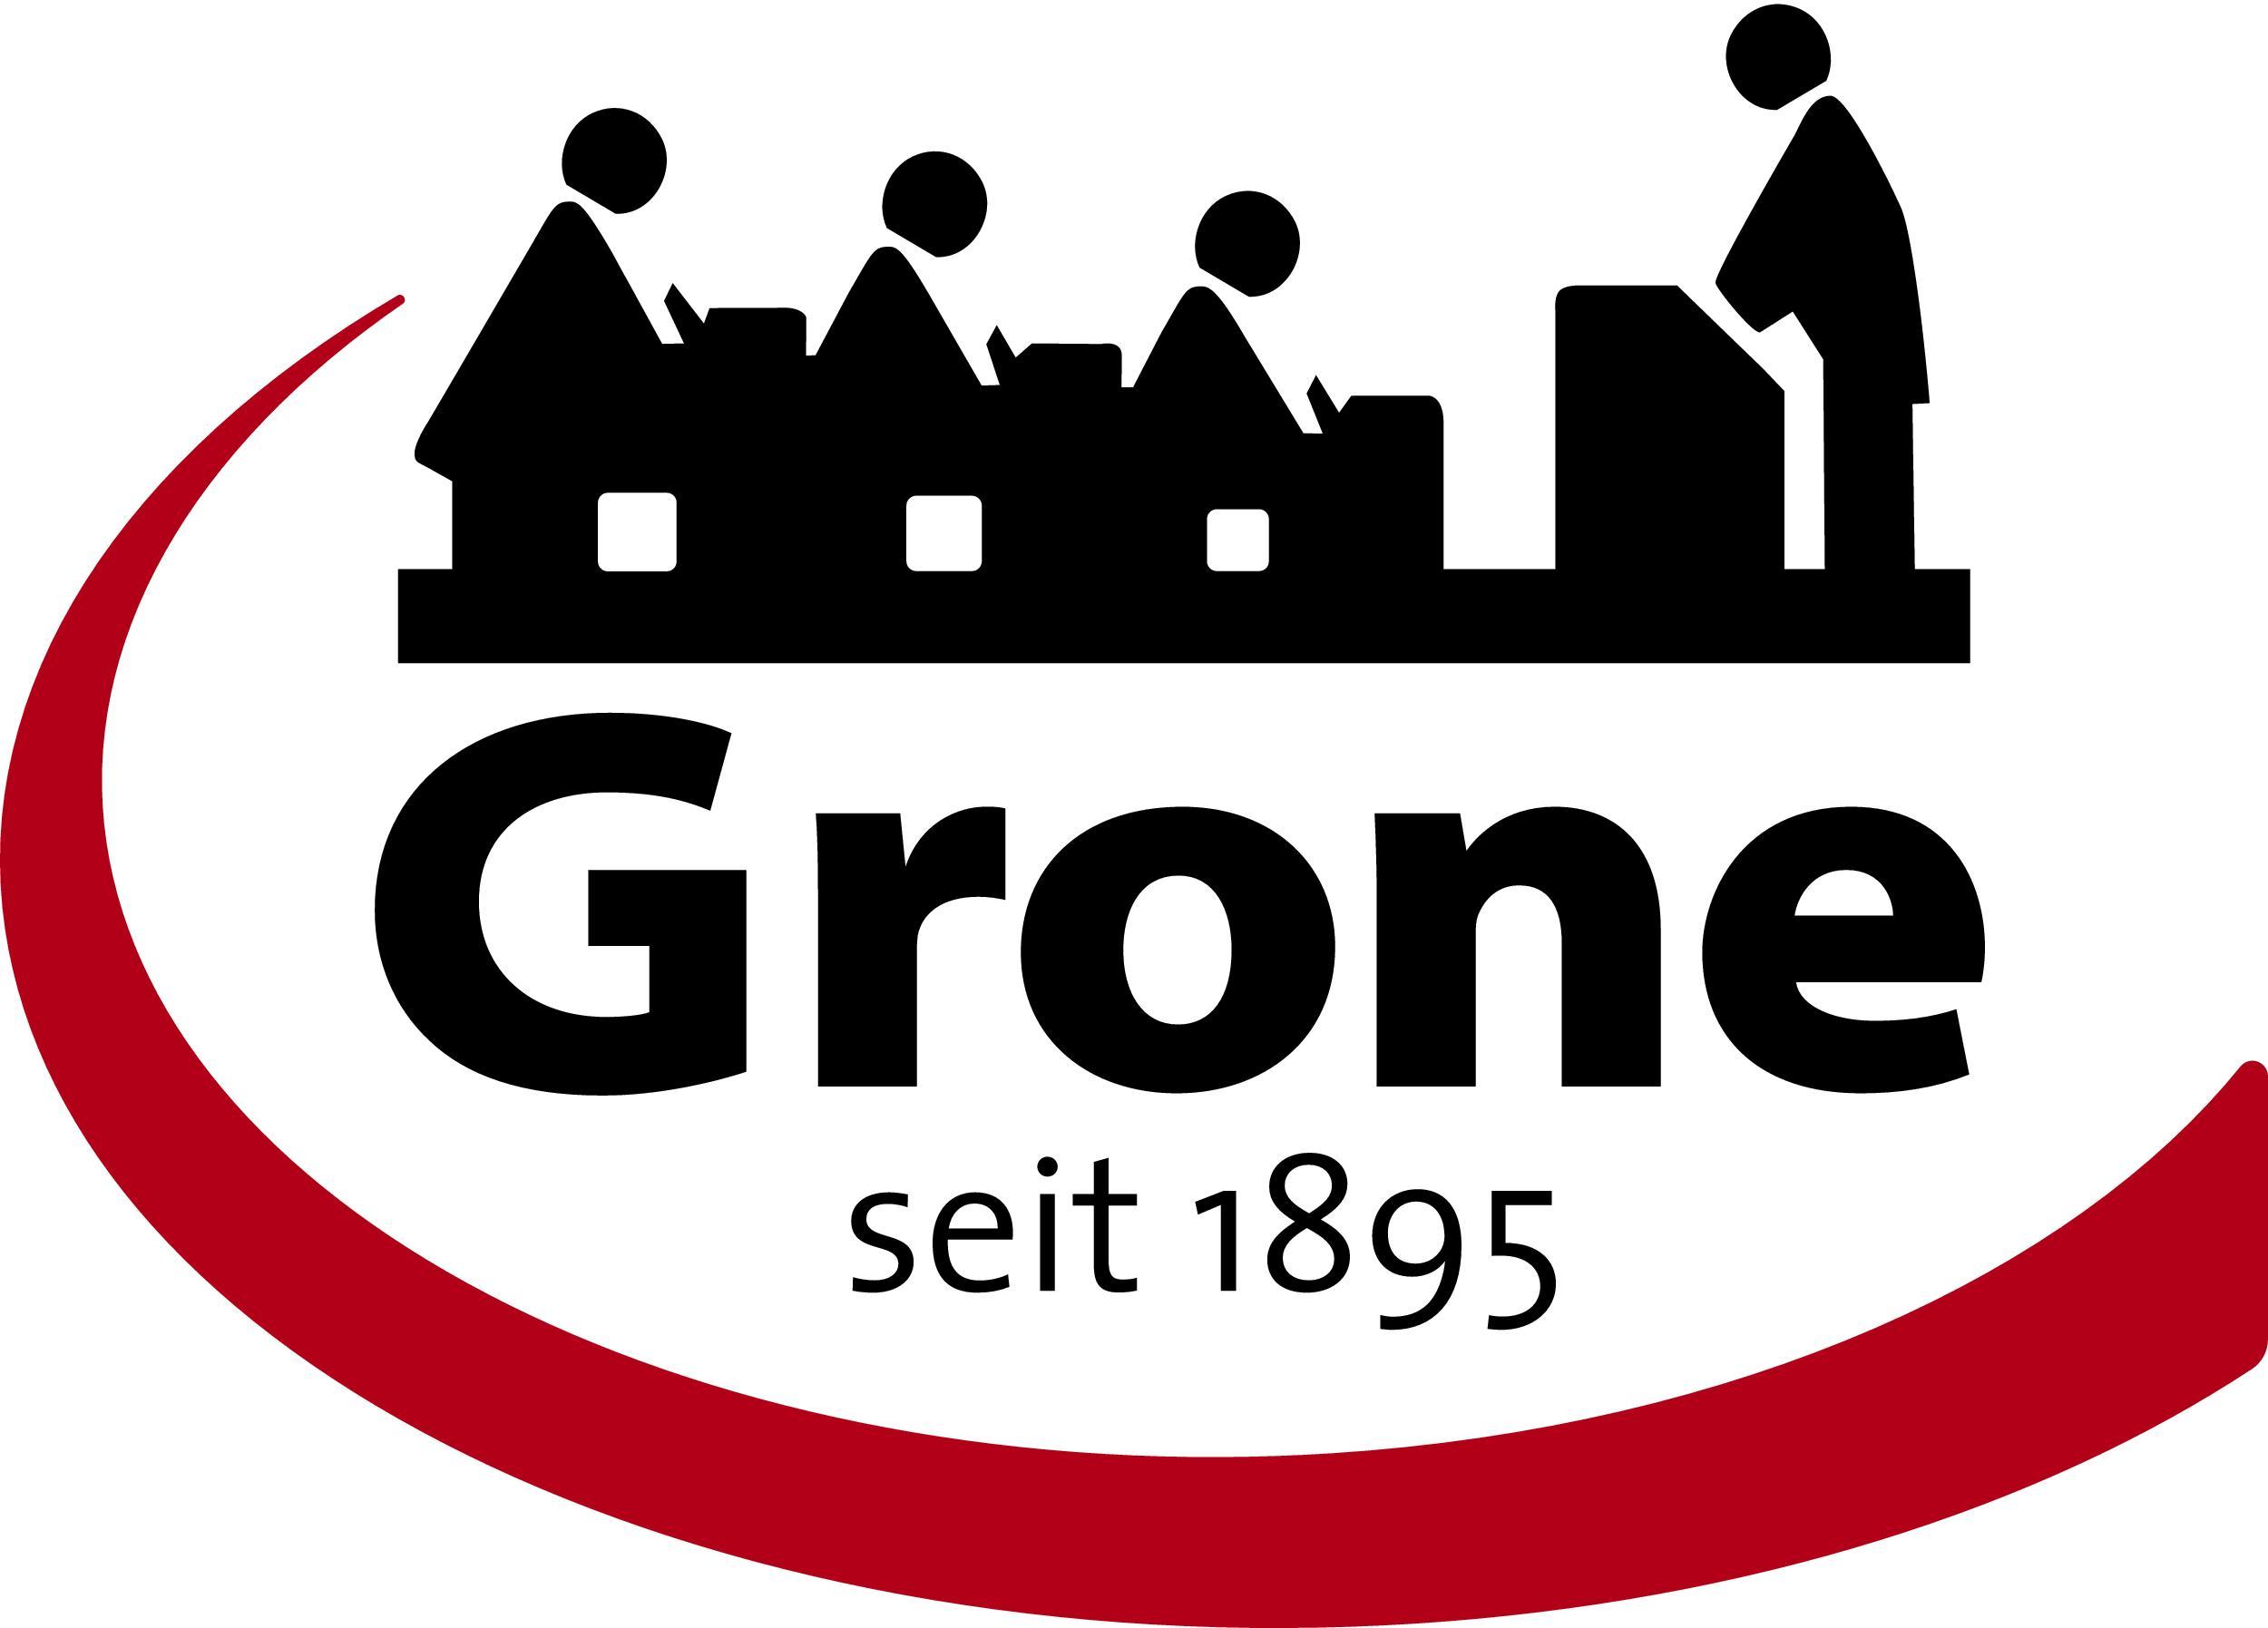 messedaten_messe_195_weblogos_grone_bildungszentrum_nrw_ggmbh.jpg